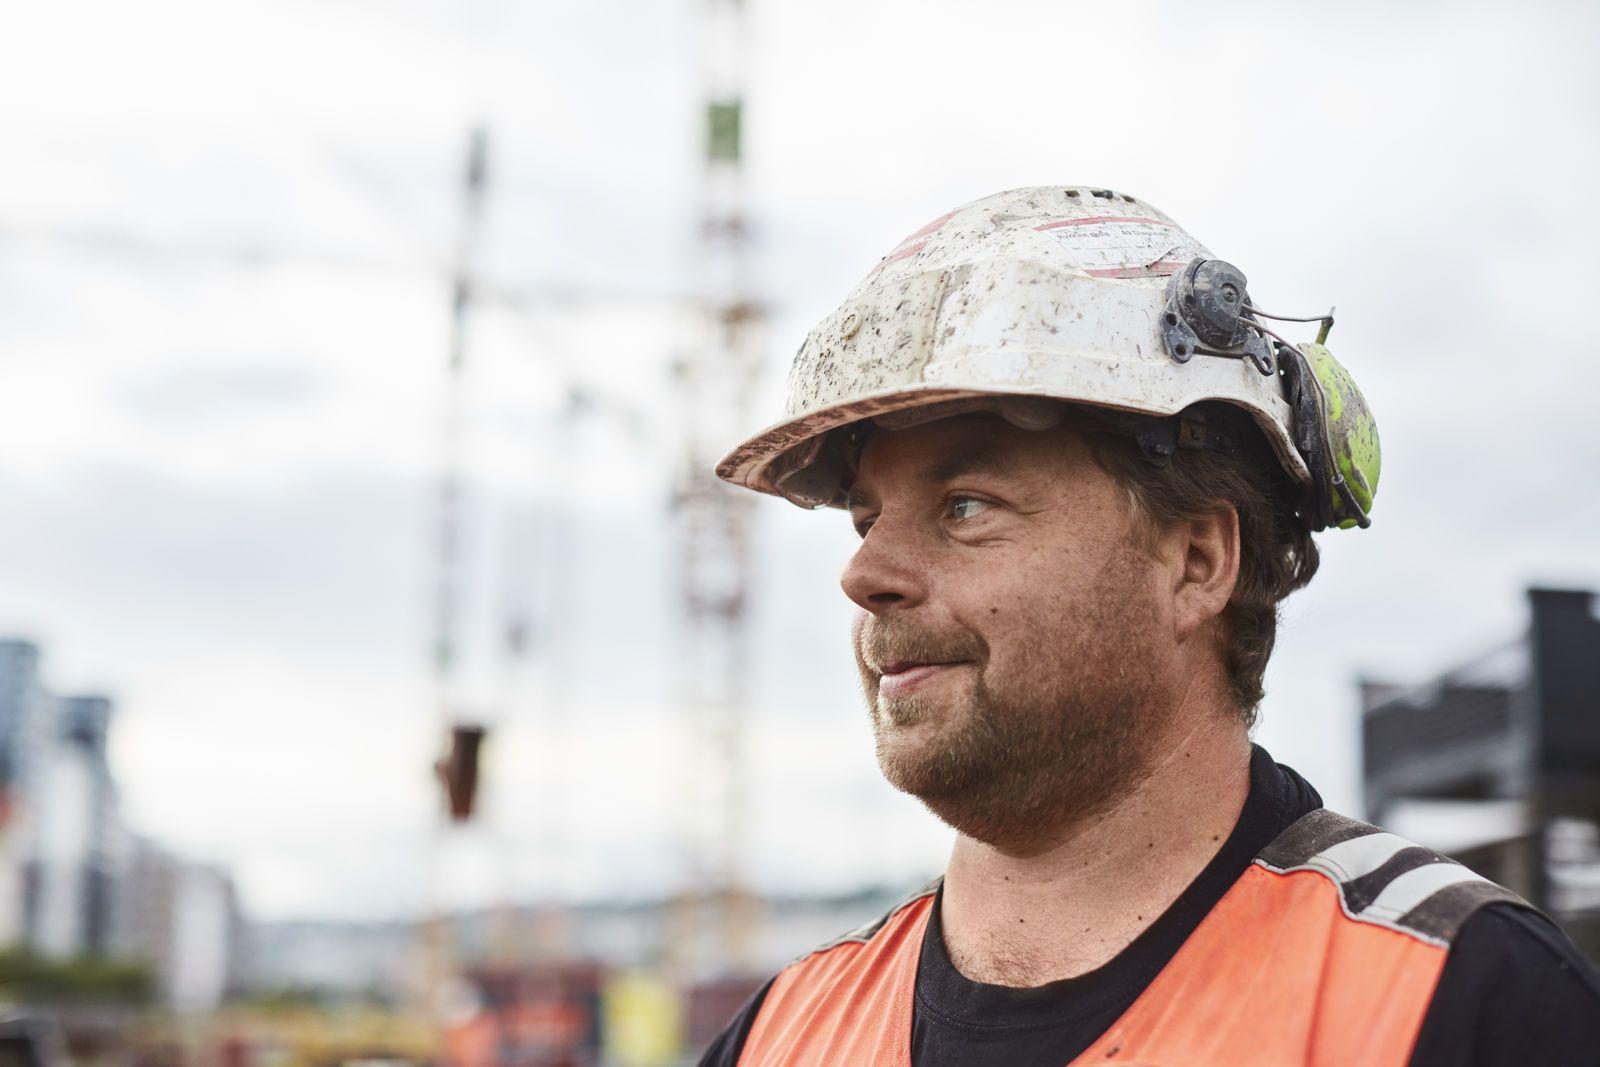 En anleggsarbeider står sidevendt mot kamera, i bakgrunnen ser vi heisekraner og hus. Foto: Øivind Haug